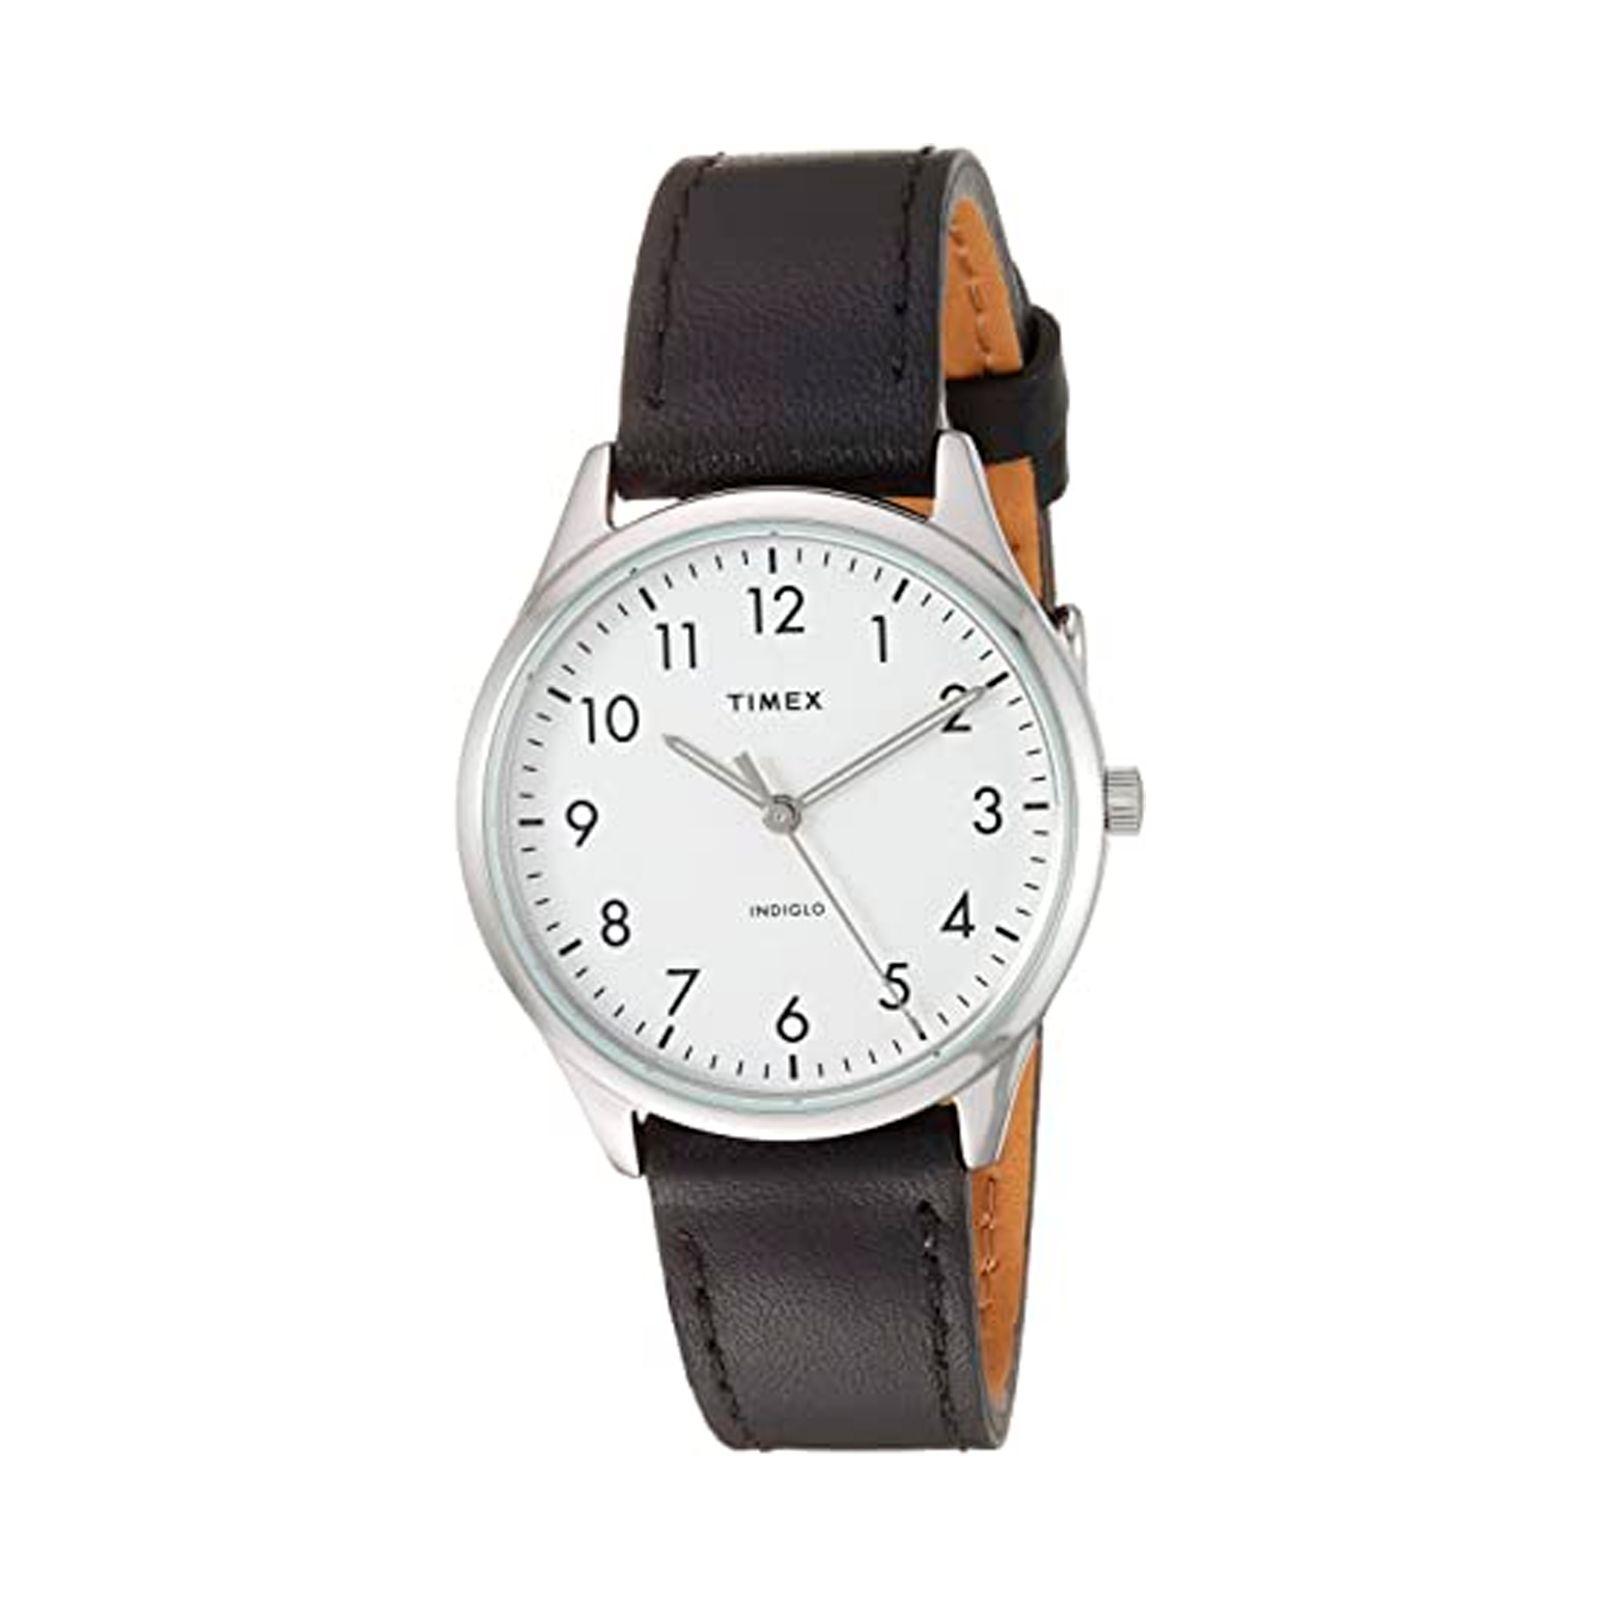 ساعت مچی عقربه ای زنانه تایمکس مدل TW2T72100 -  - 2